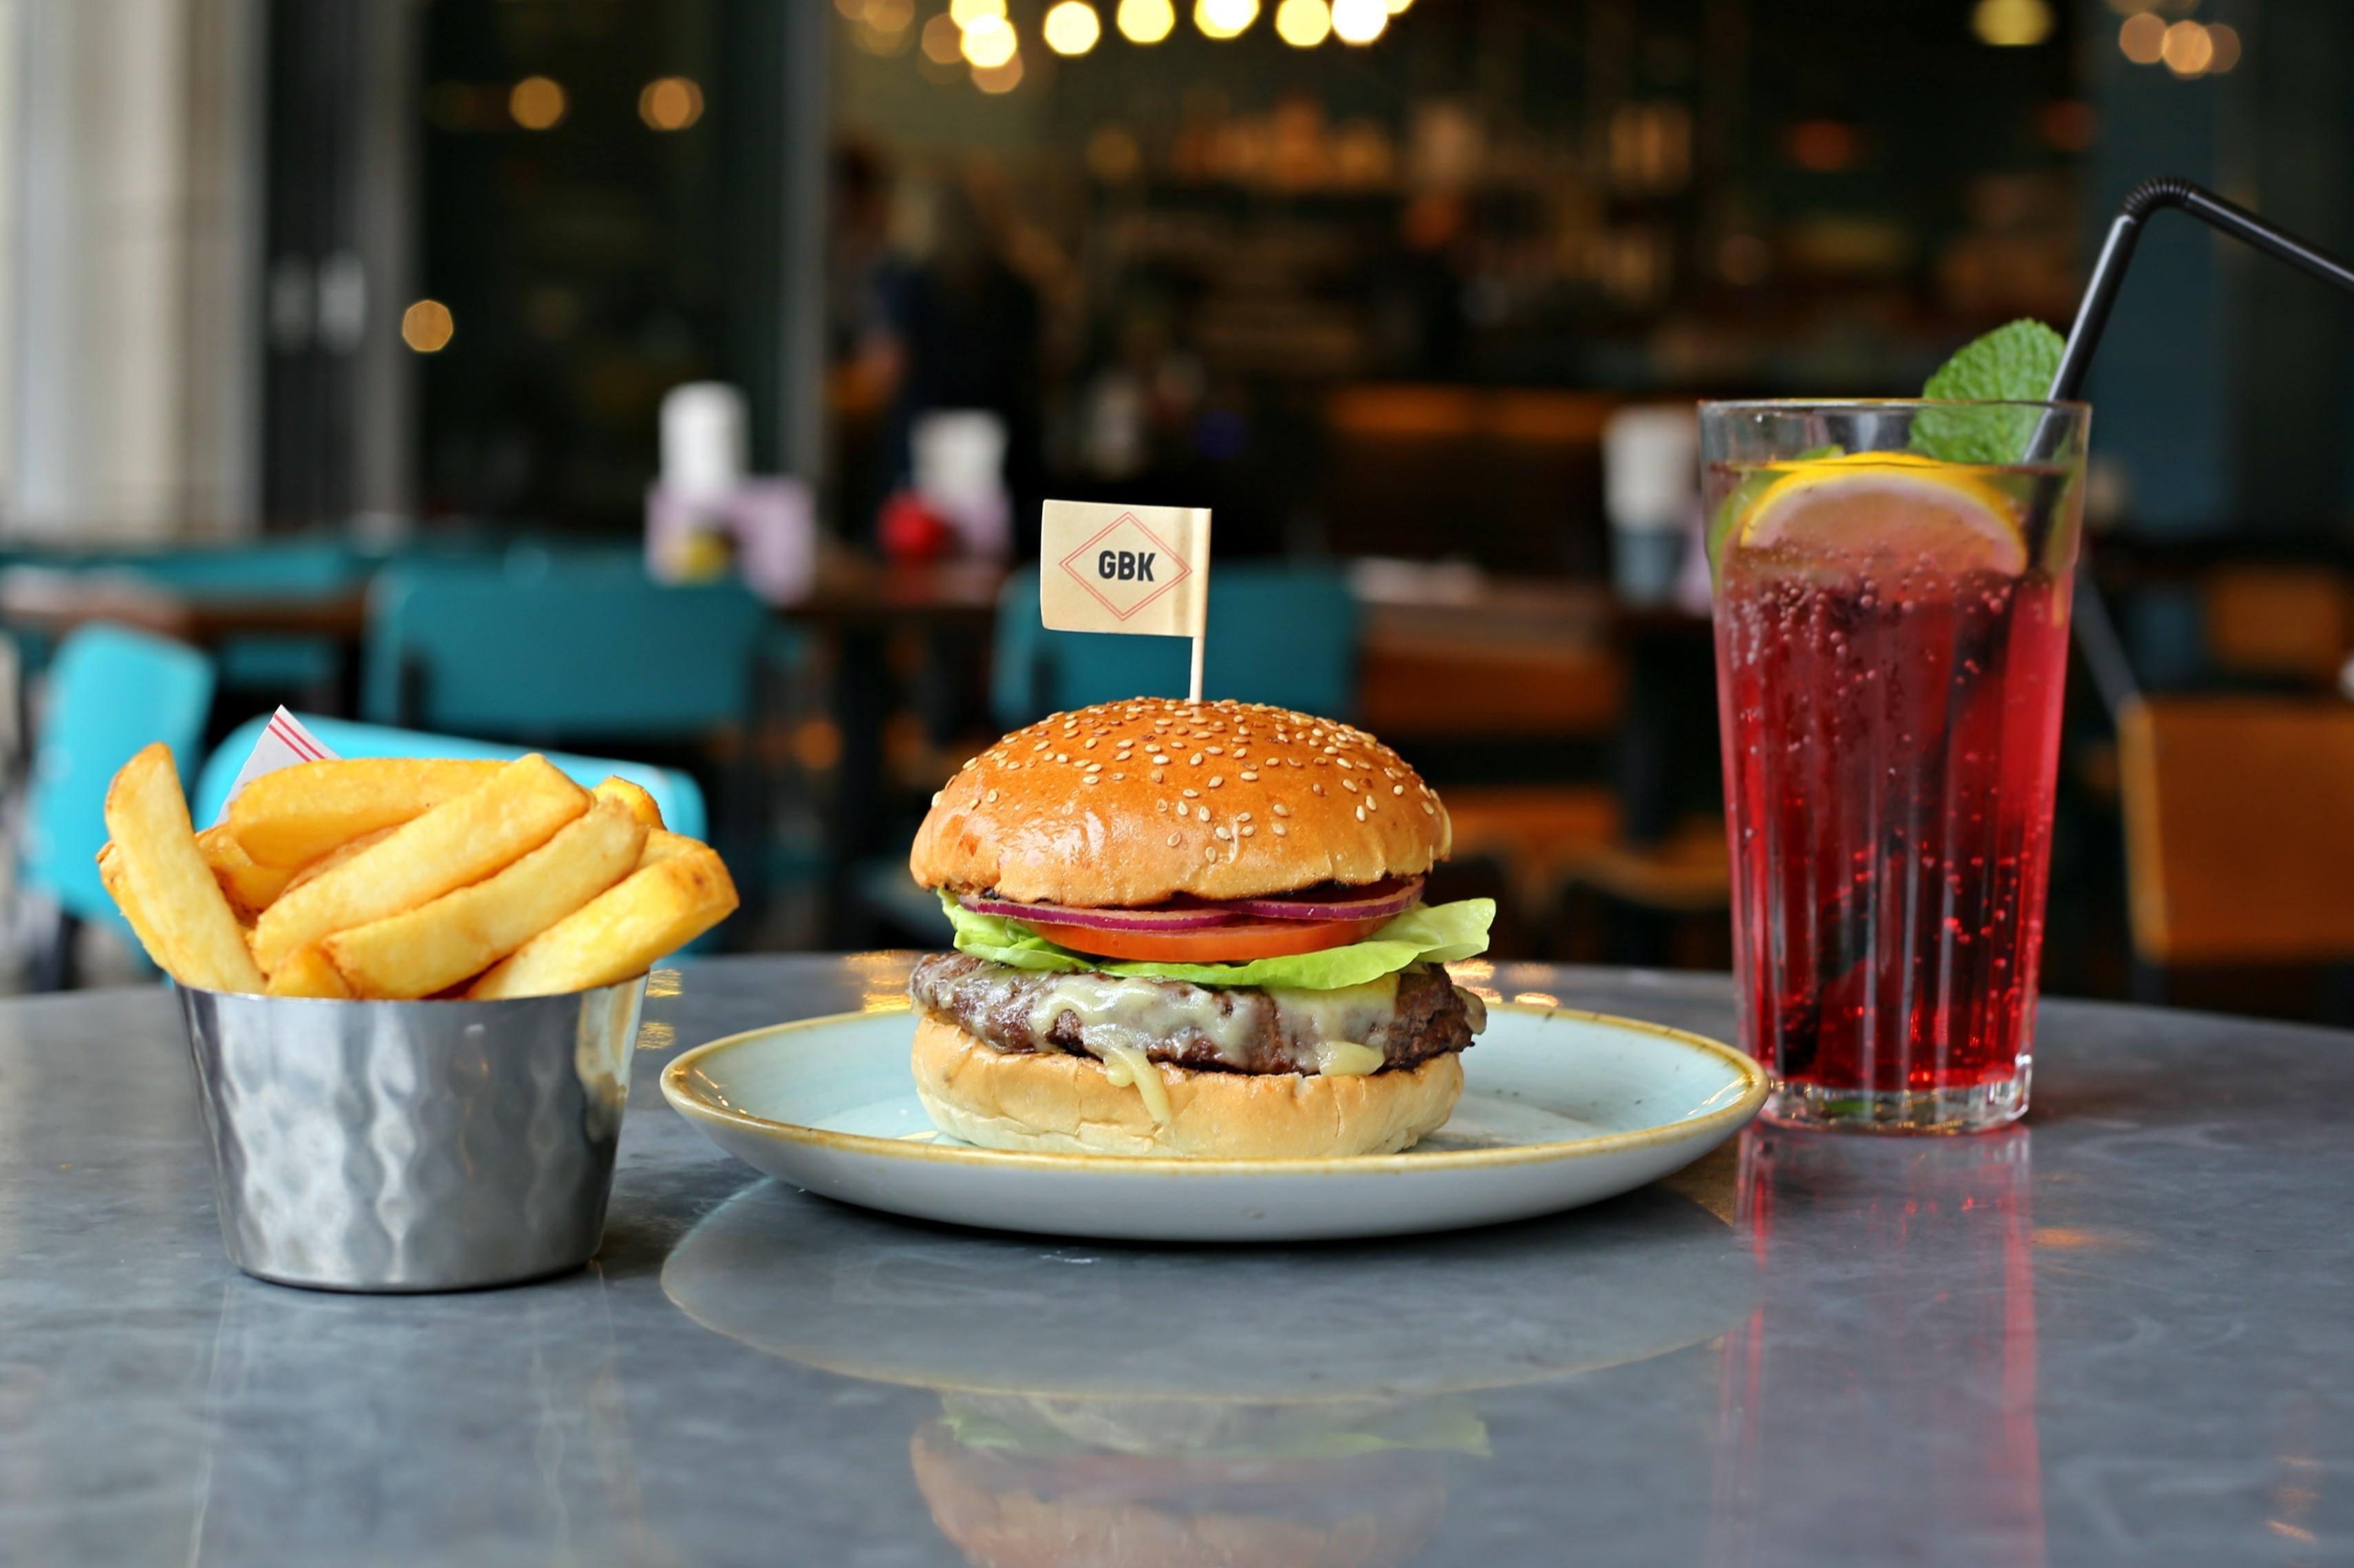 Gourmet Burger Kitchen limited